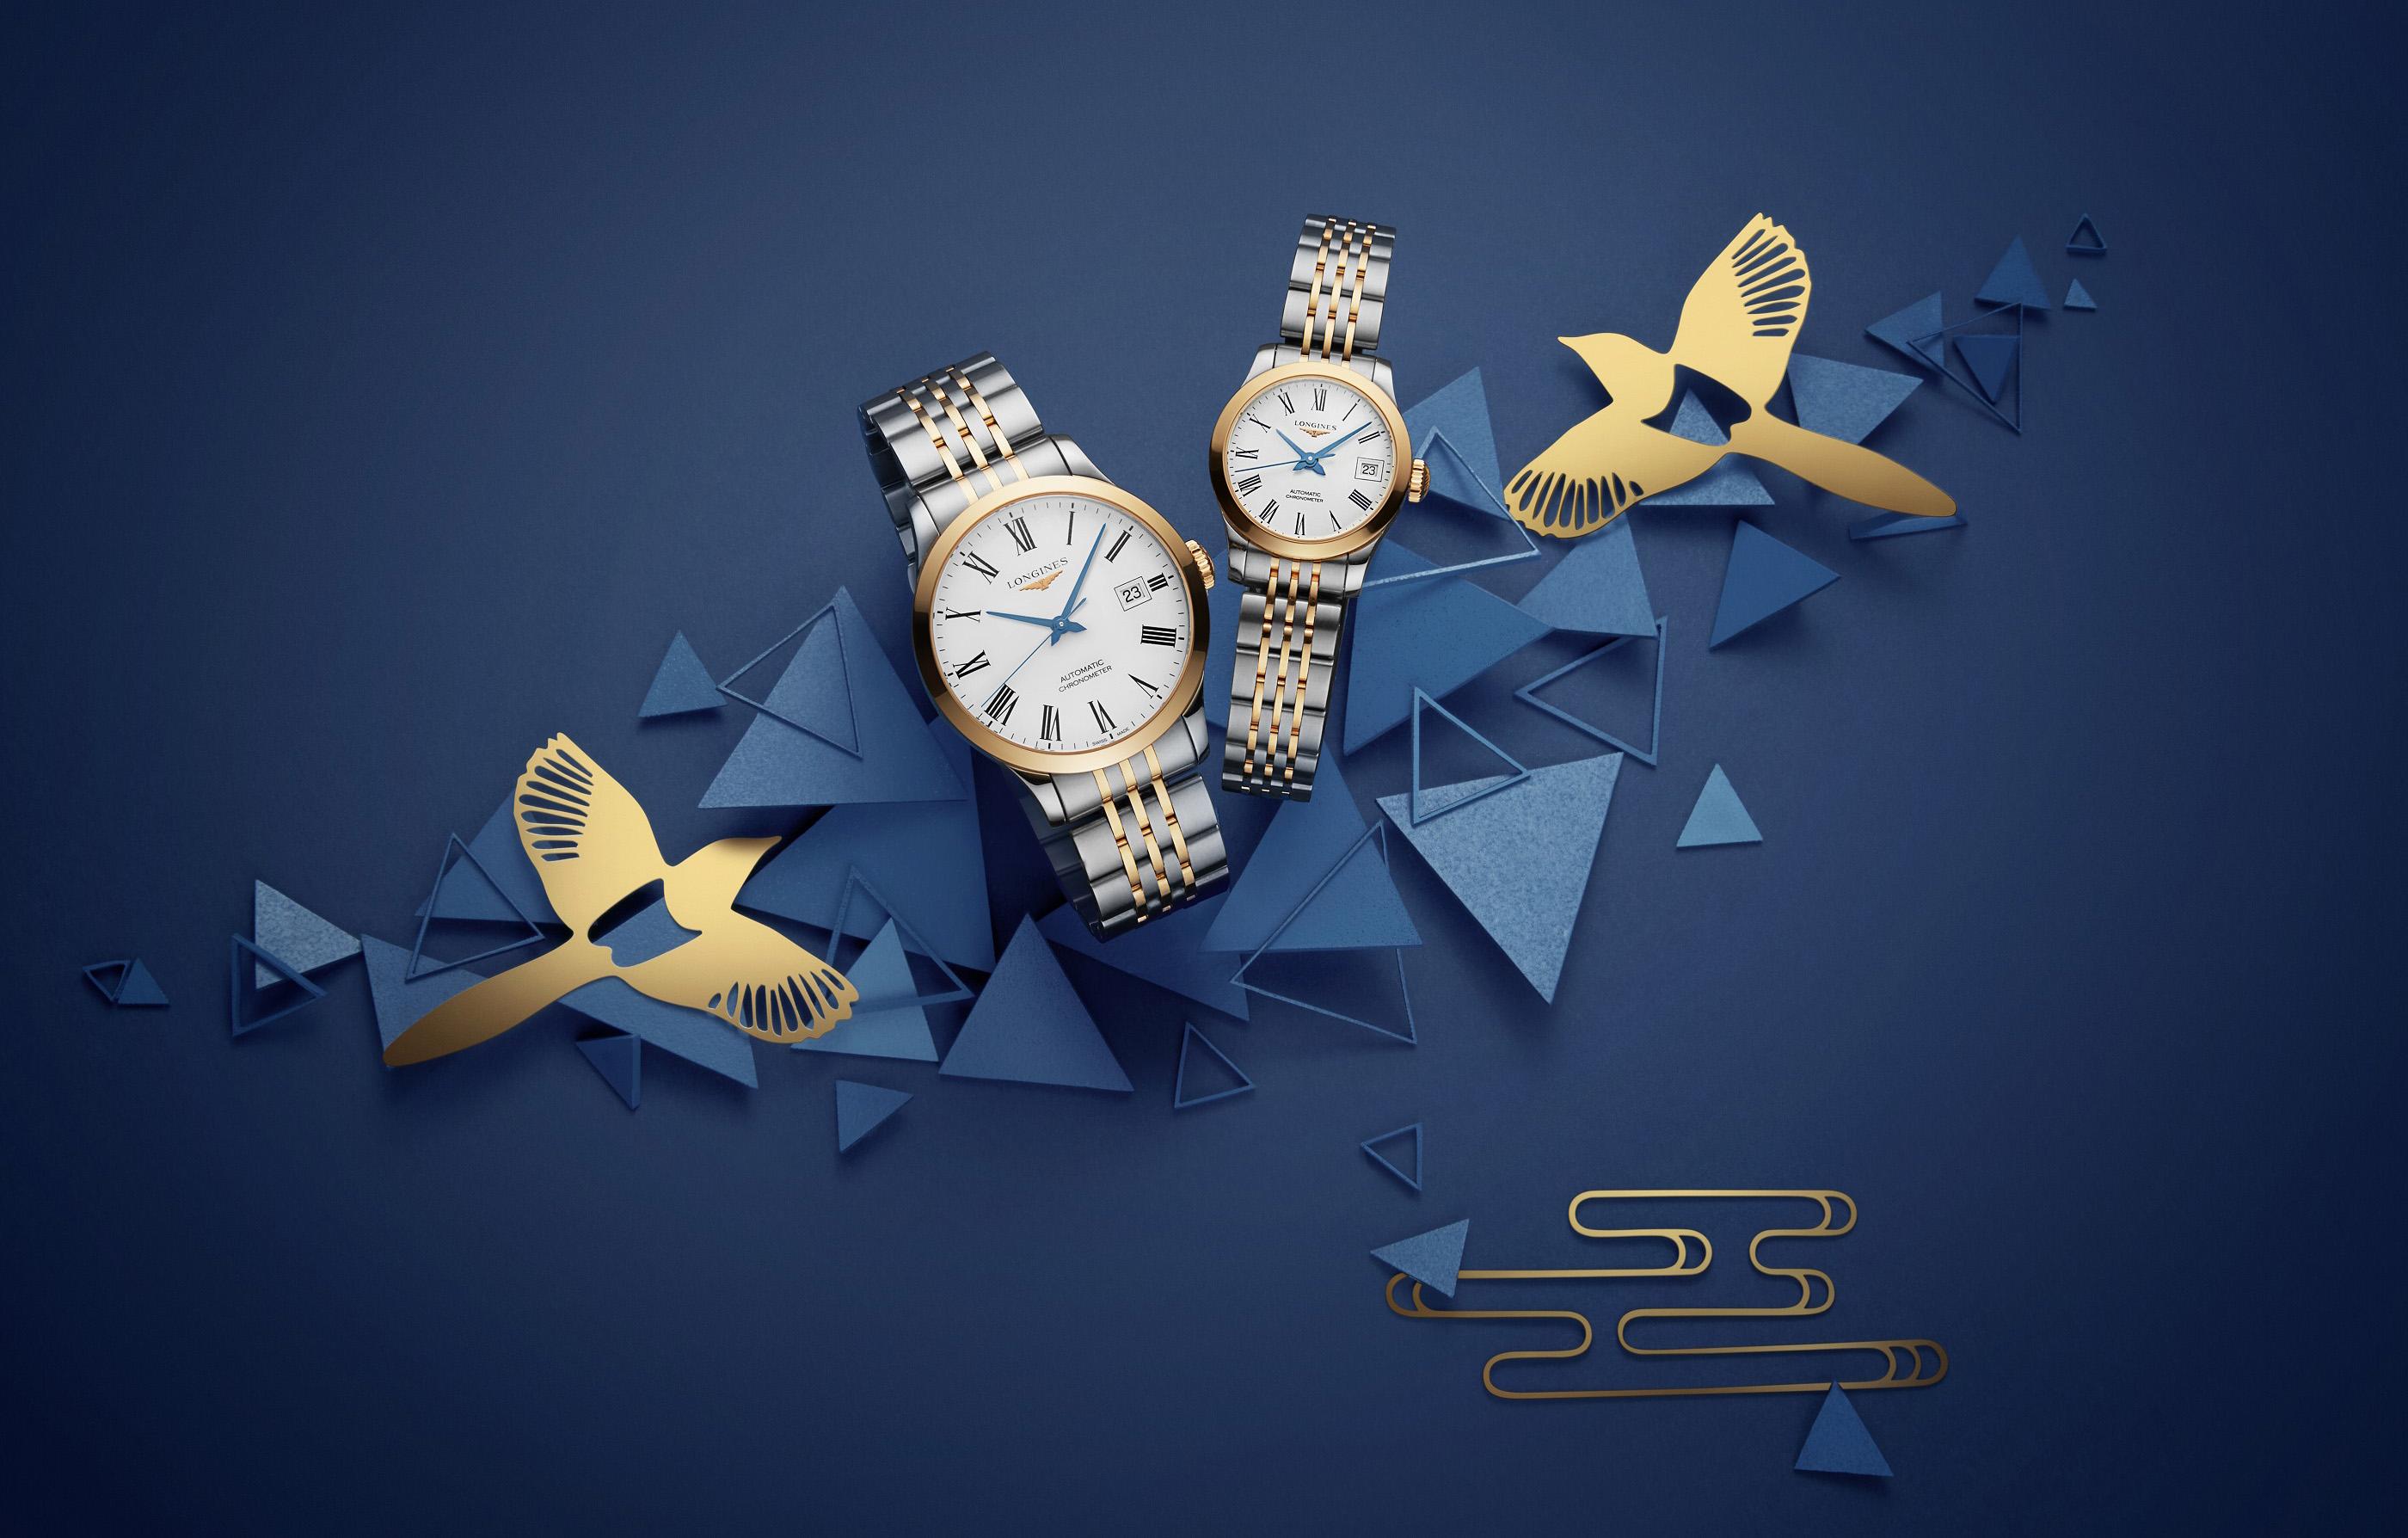 點時成金,優雅開年 浪琴表甄選時計,禮獻新春